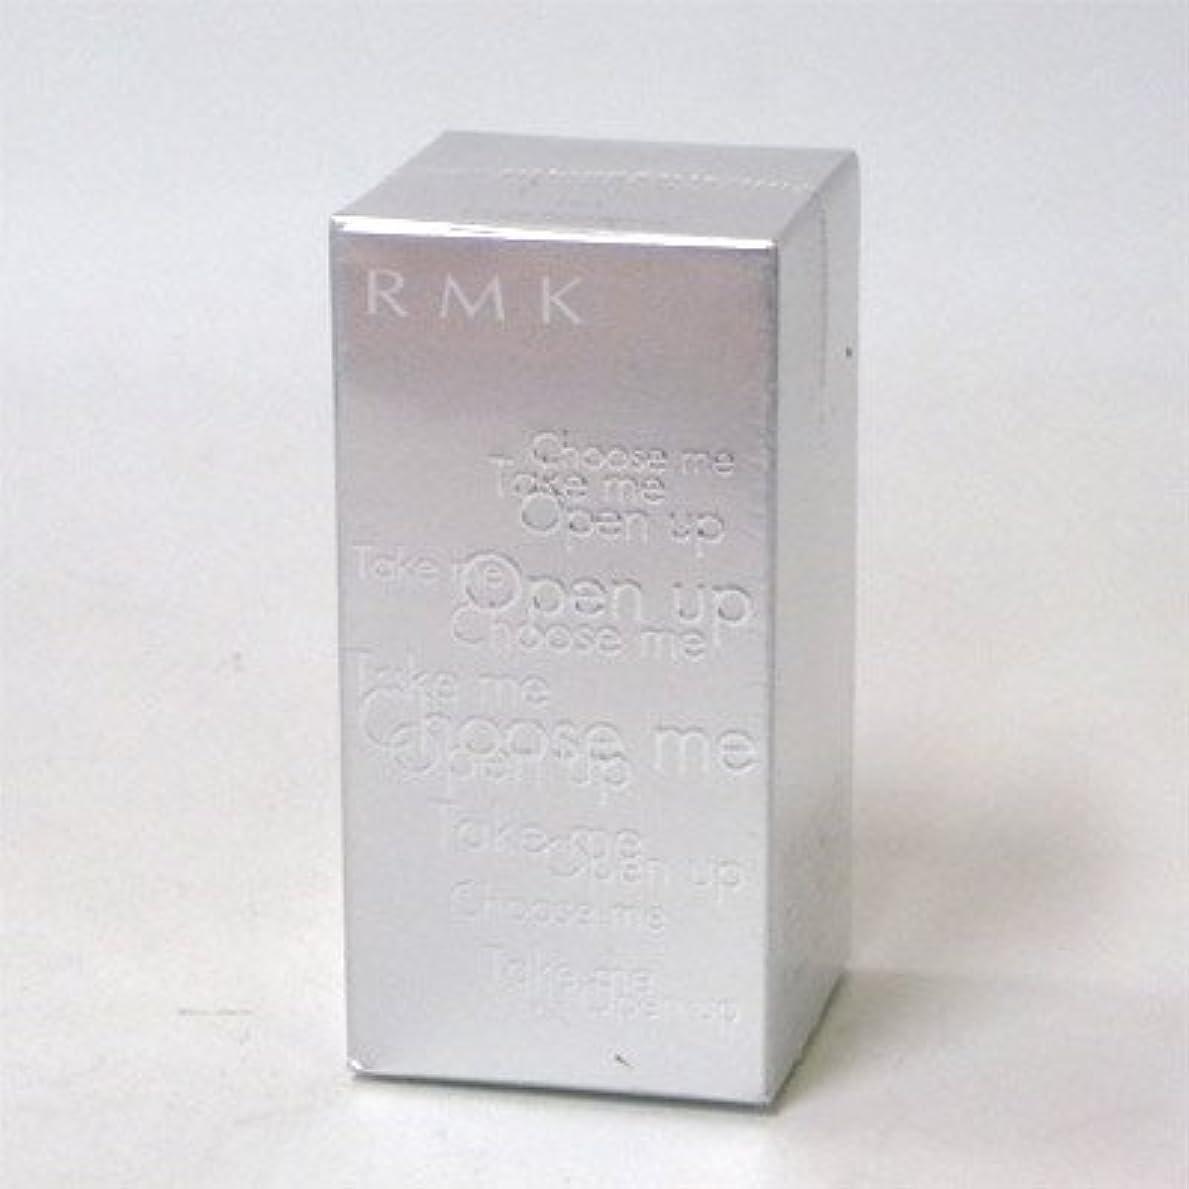 狐浸した三角形RMK リクイド ファンデーション #105 SPF14 PA++ 30ml